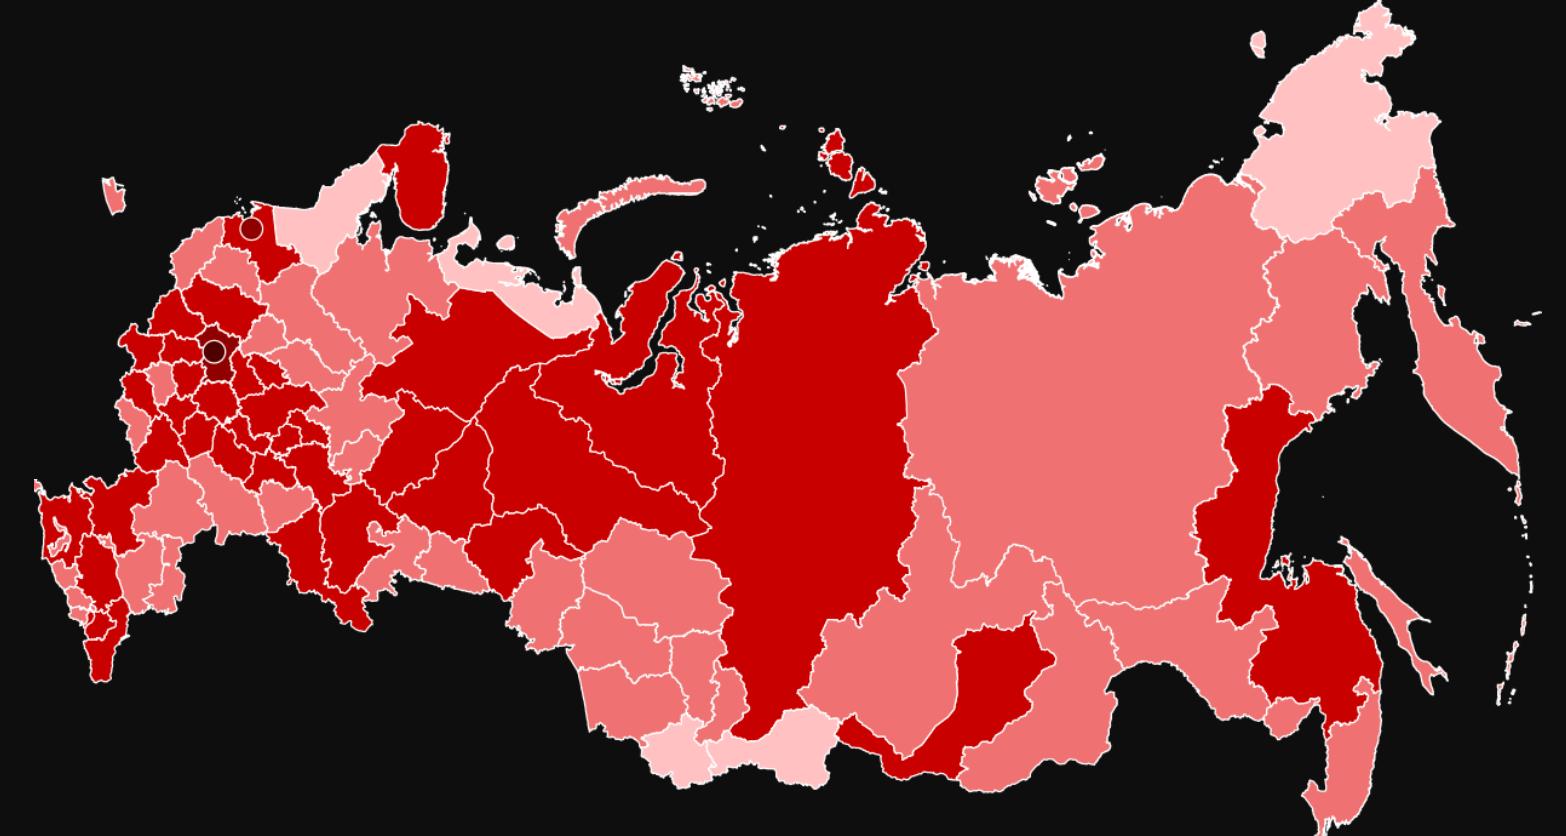 В России суточный антирекорд вспышки коронавируса: 6060 новых случаев, общее число перевалило за 42 000